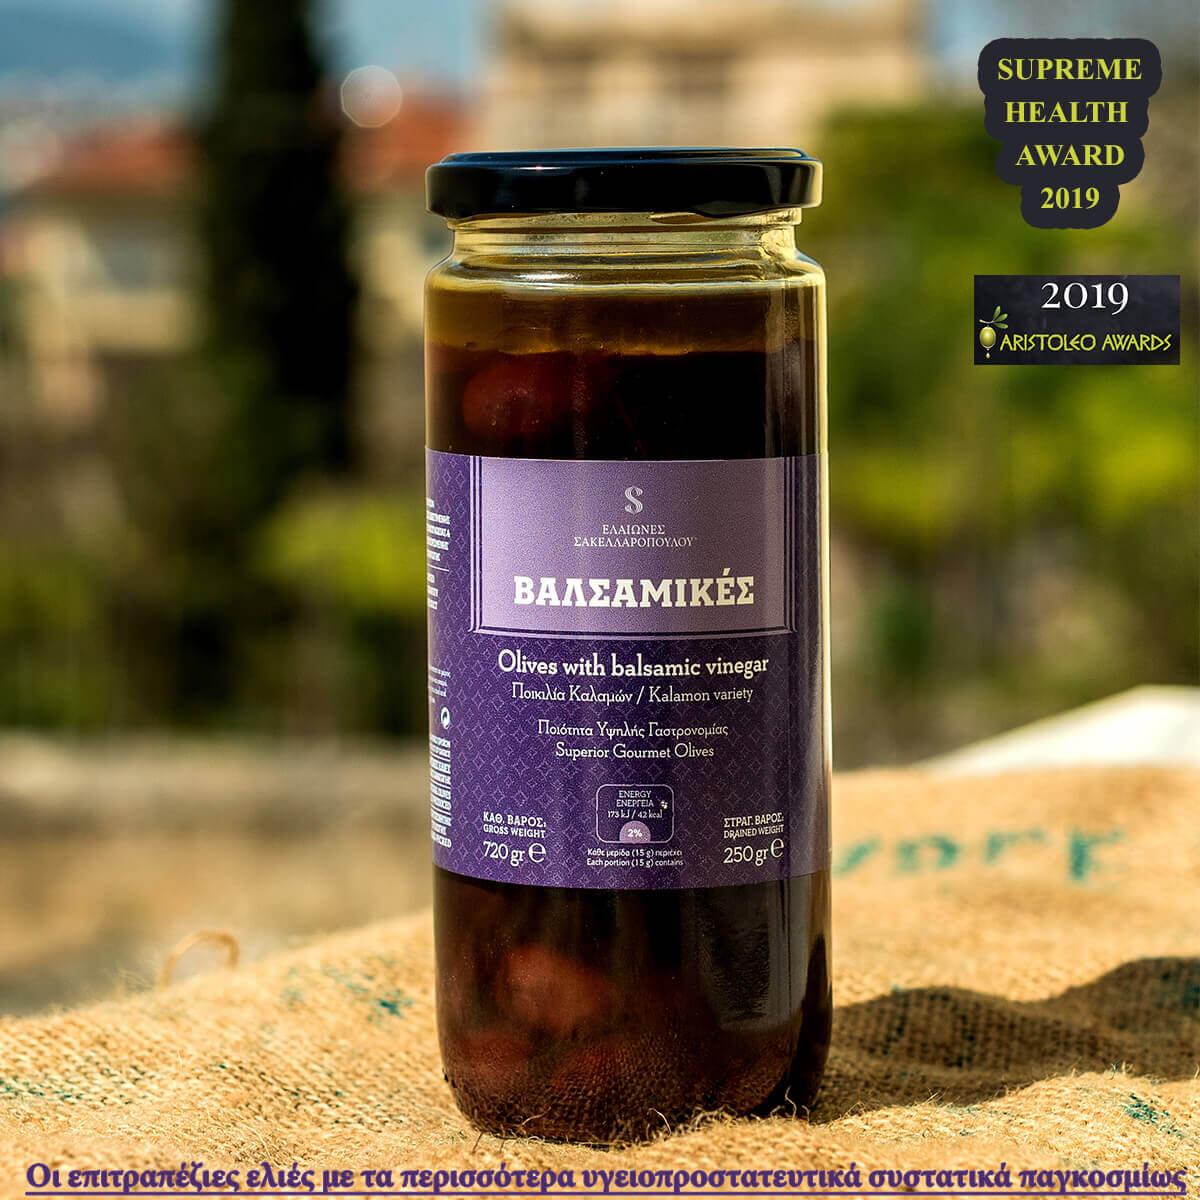 kalamata olives organic awarded valsamikes polyphenols unpasteurized gourmet